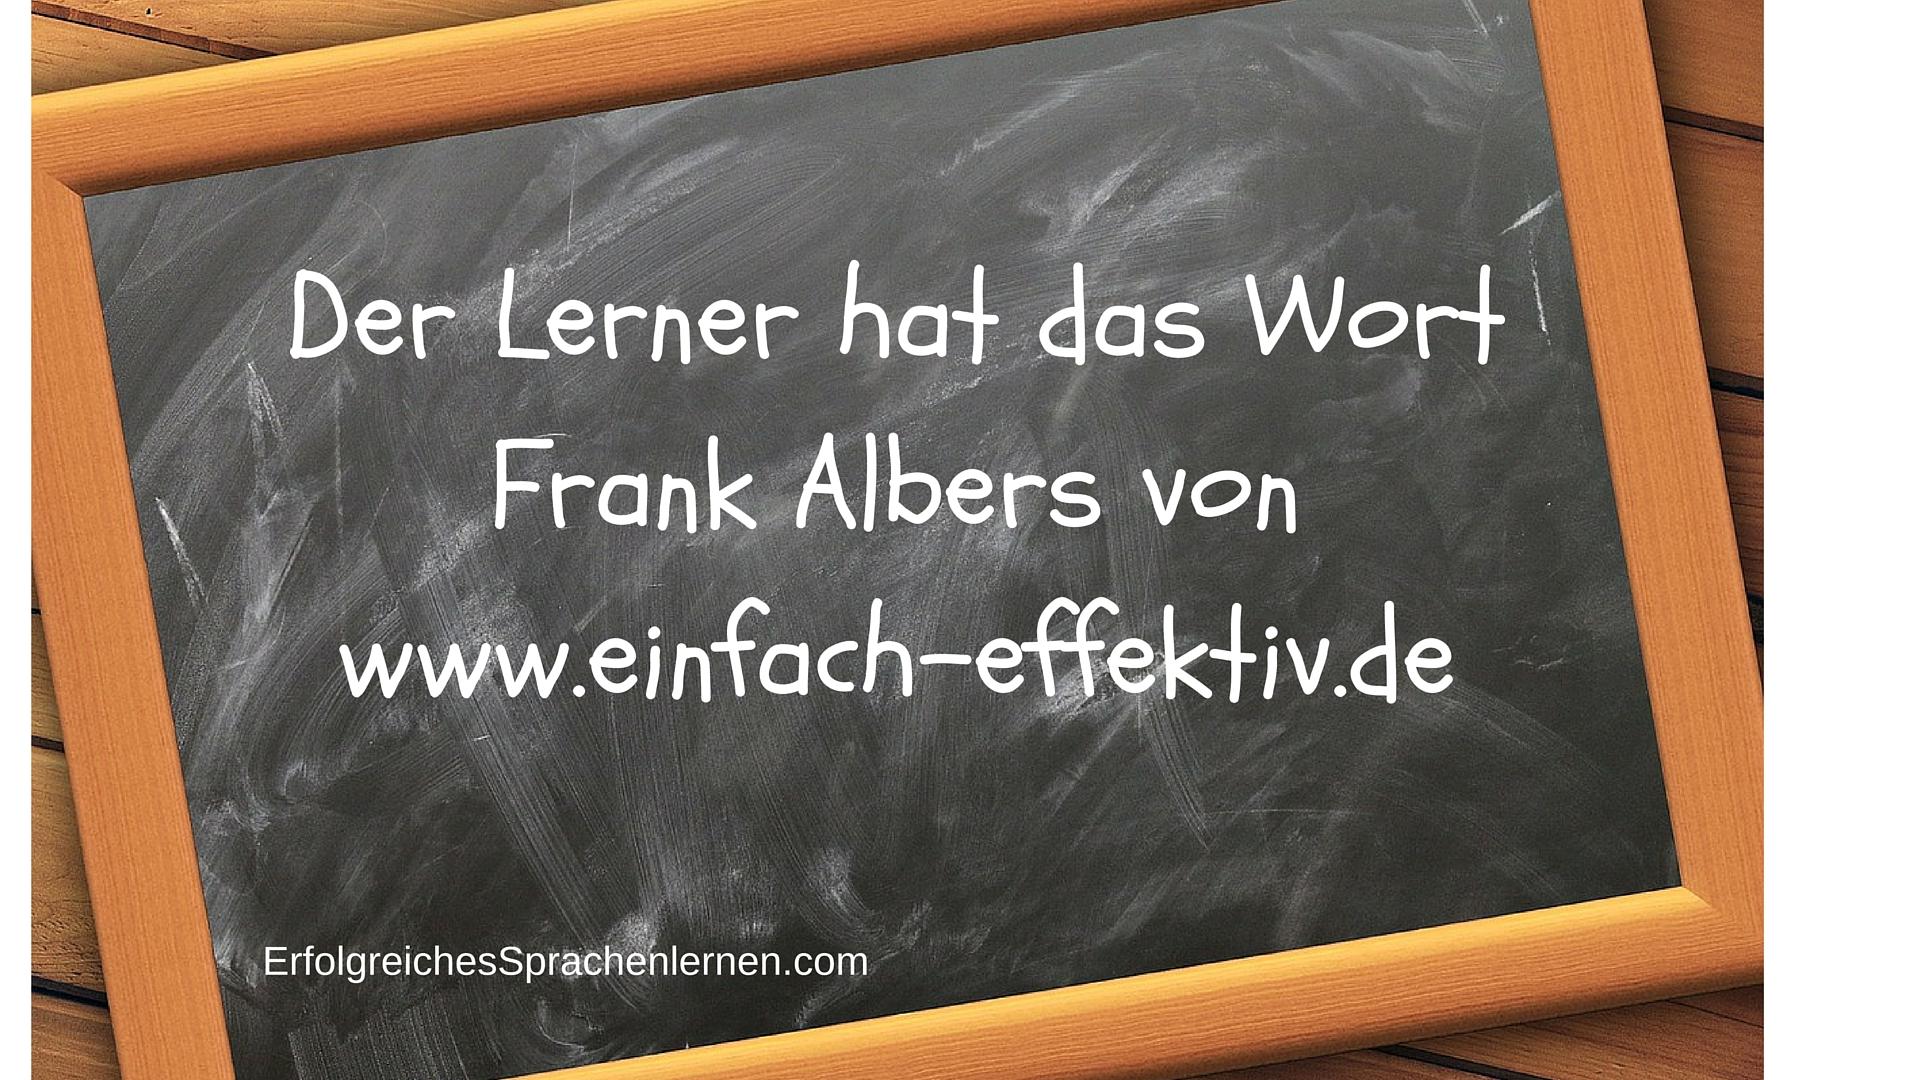 Der Lerner hat das Wort Frank Albers